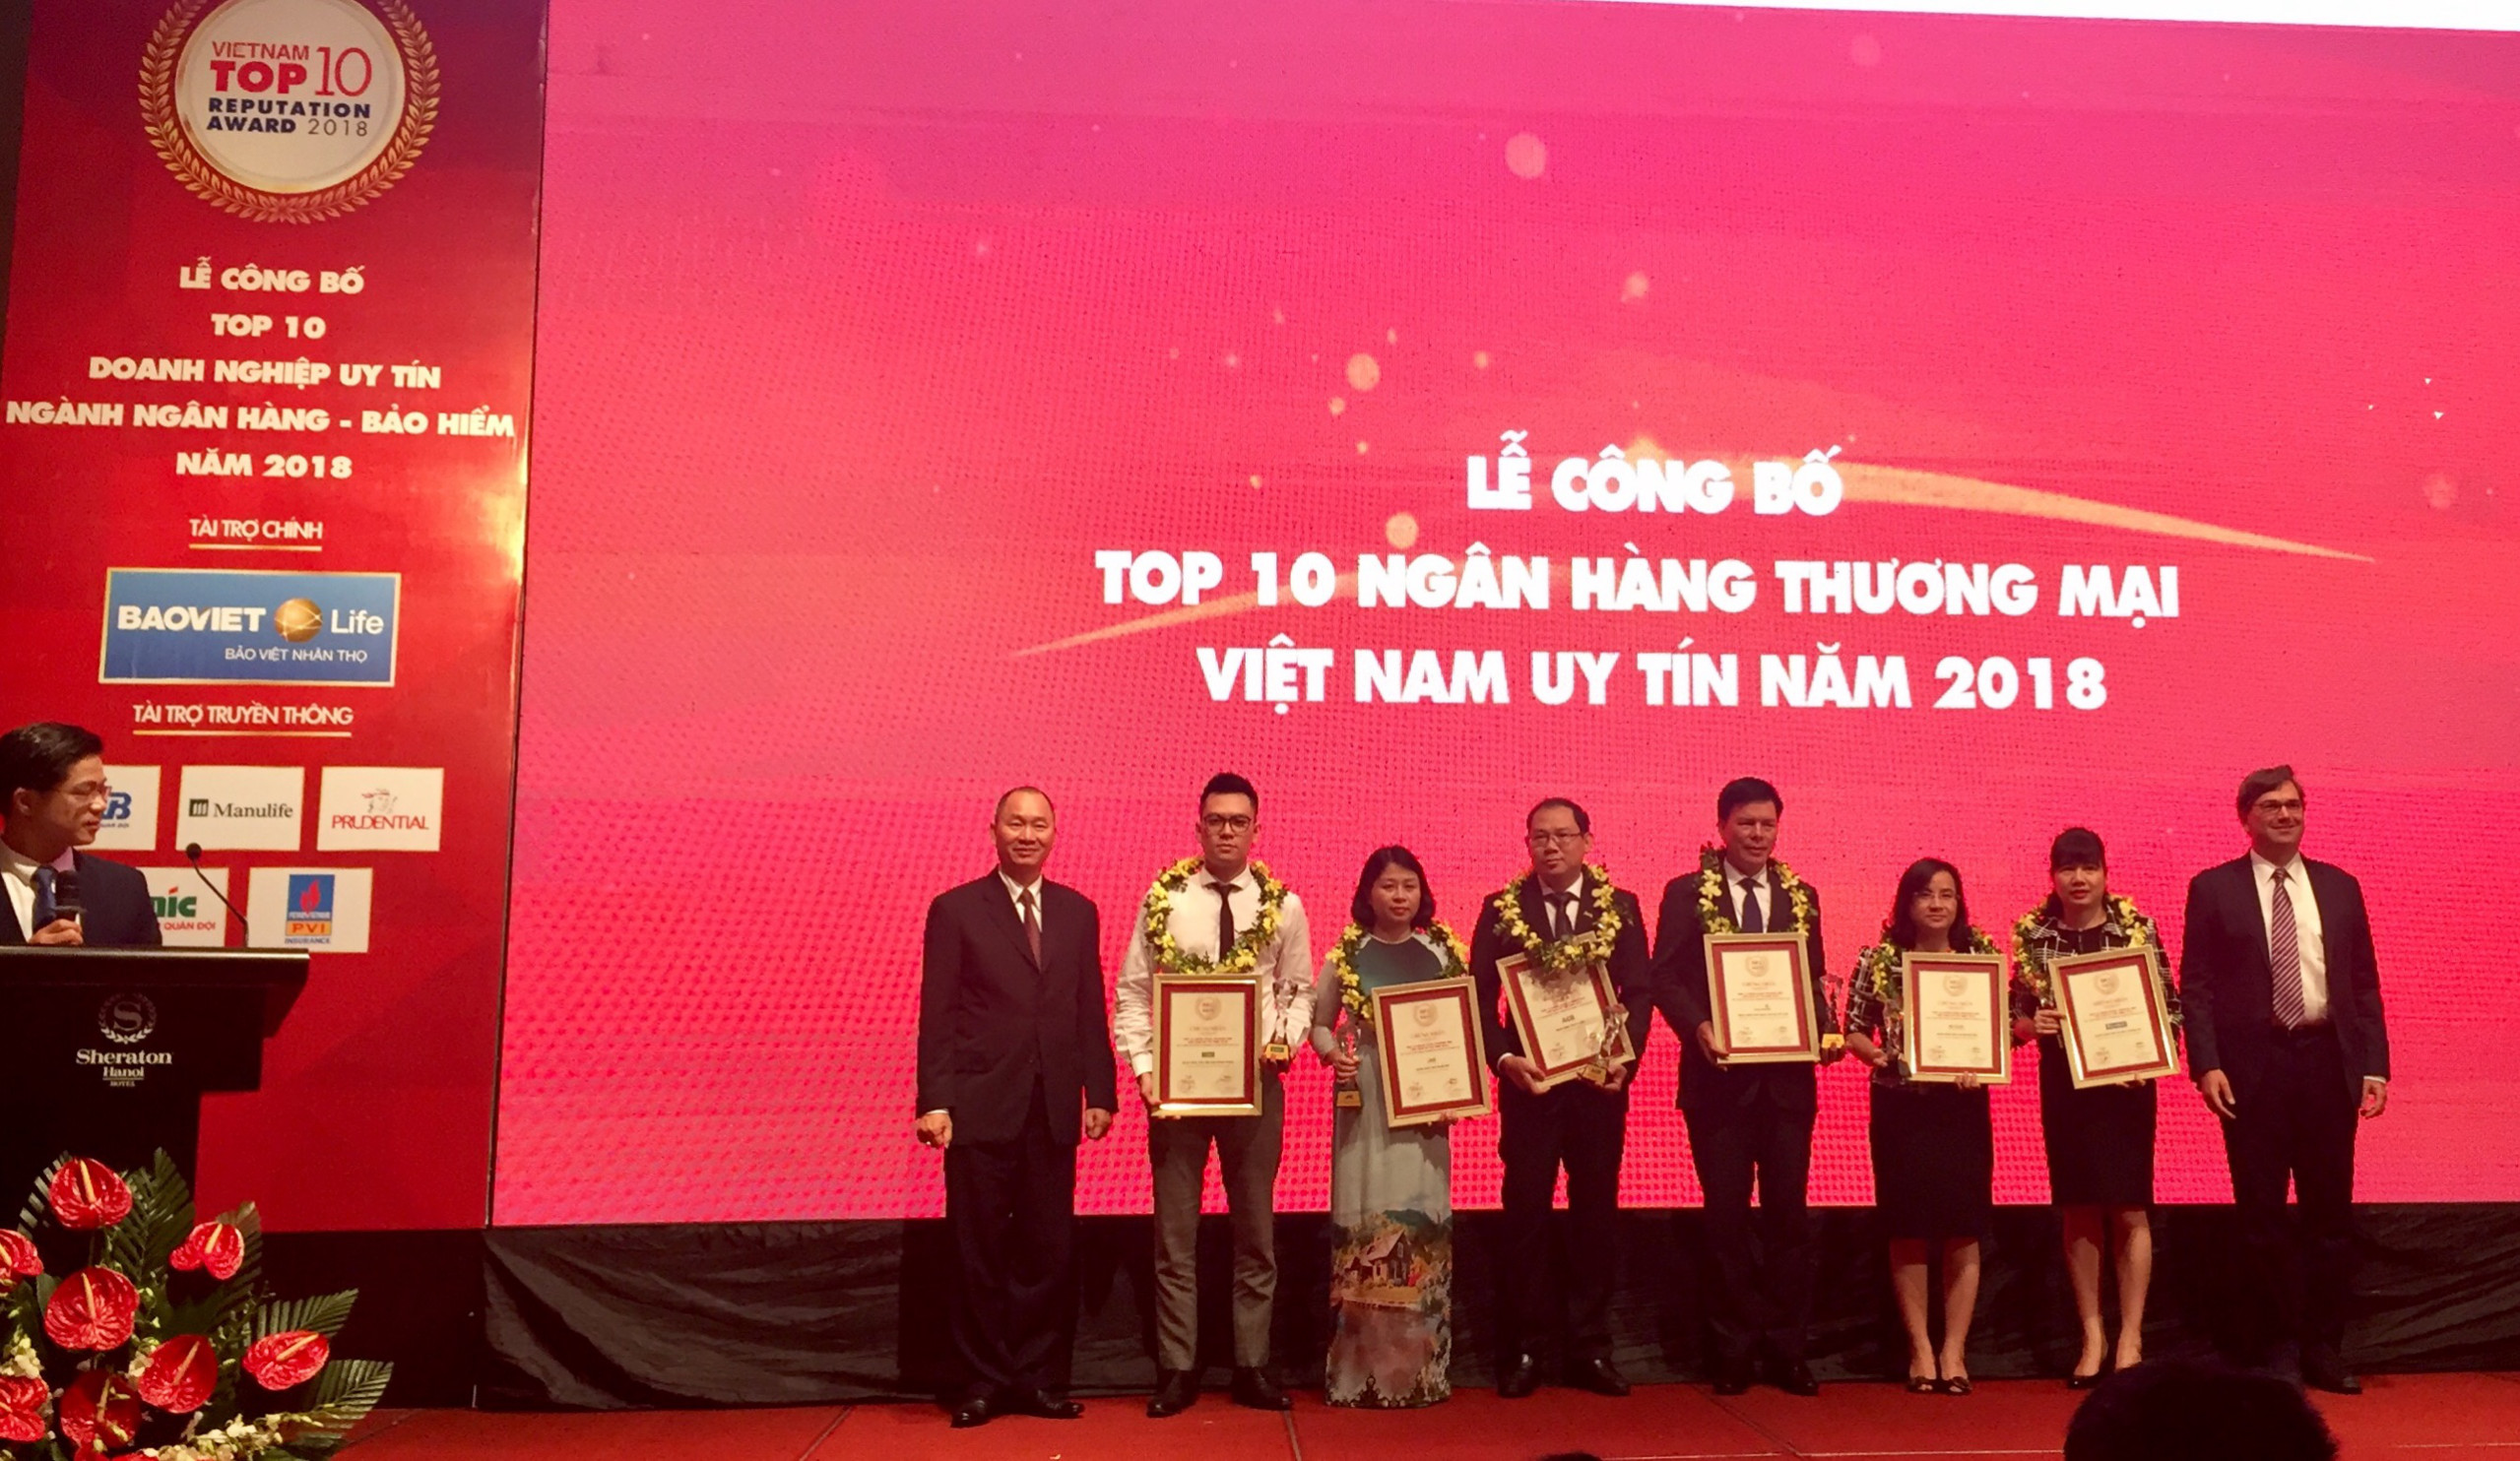 Top 10 Ngân hàng thương mại Việt Nam uy tín năm 2019